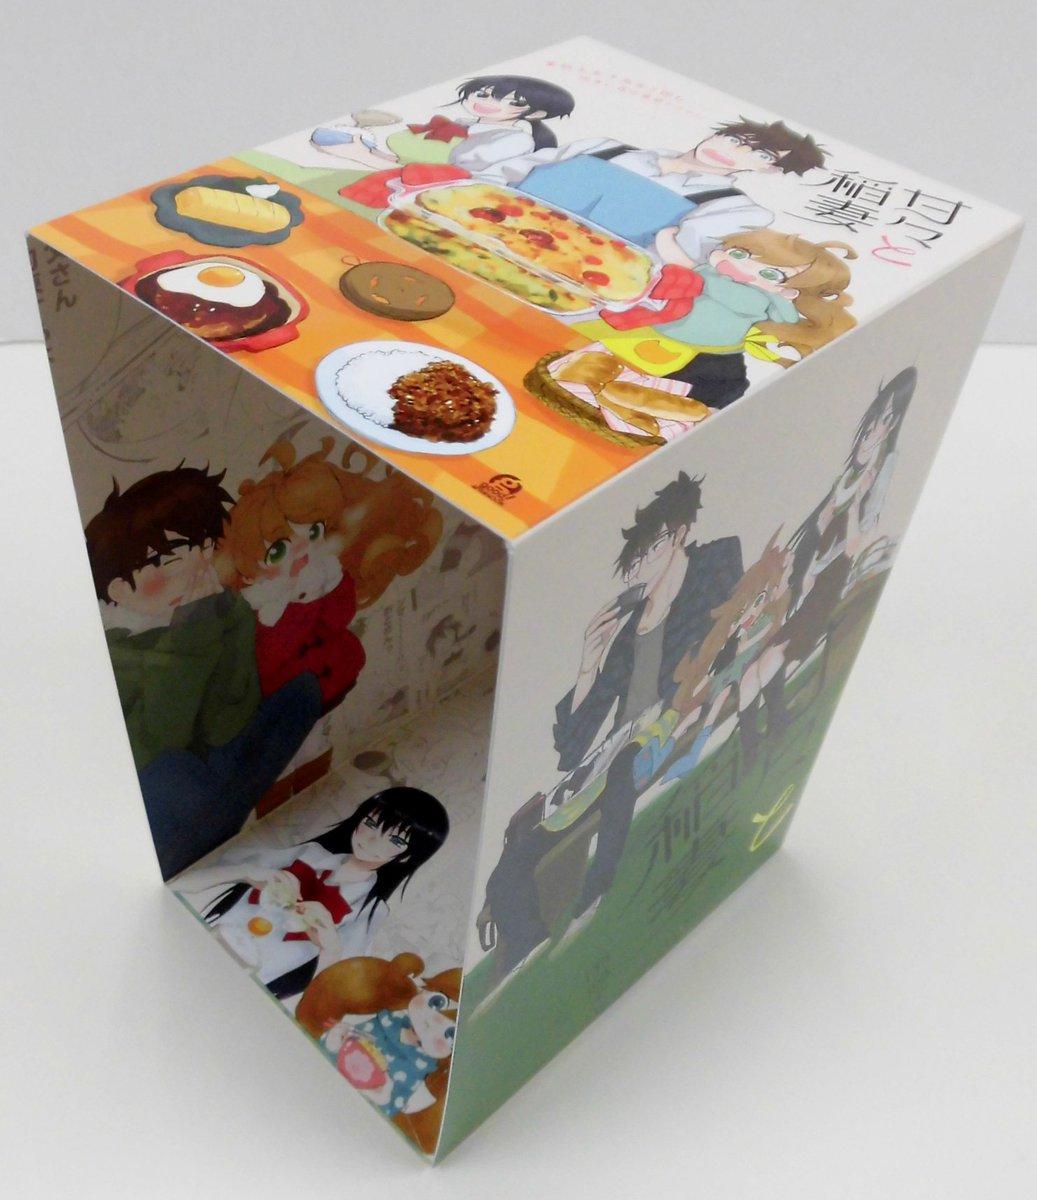 【フェア情報】「甘々と稲妻」関連書籍3冊購入で1~7巻収納BOXプレゼント!つむぎちゃん・おとさん・ことりちゃんのほわほ